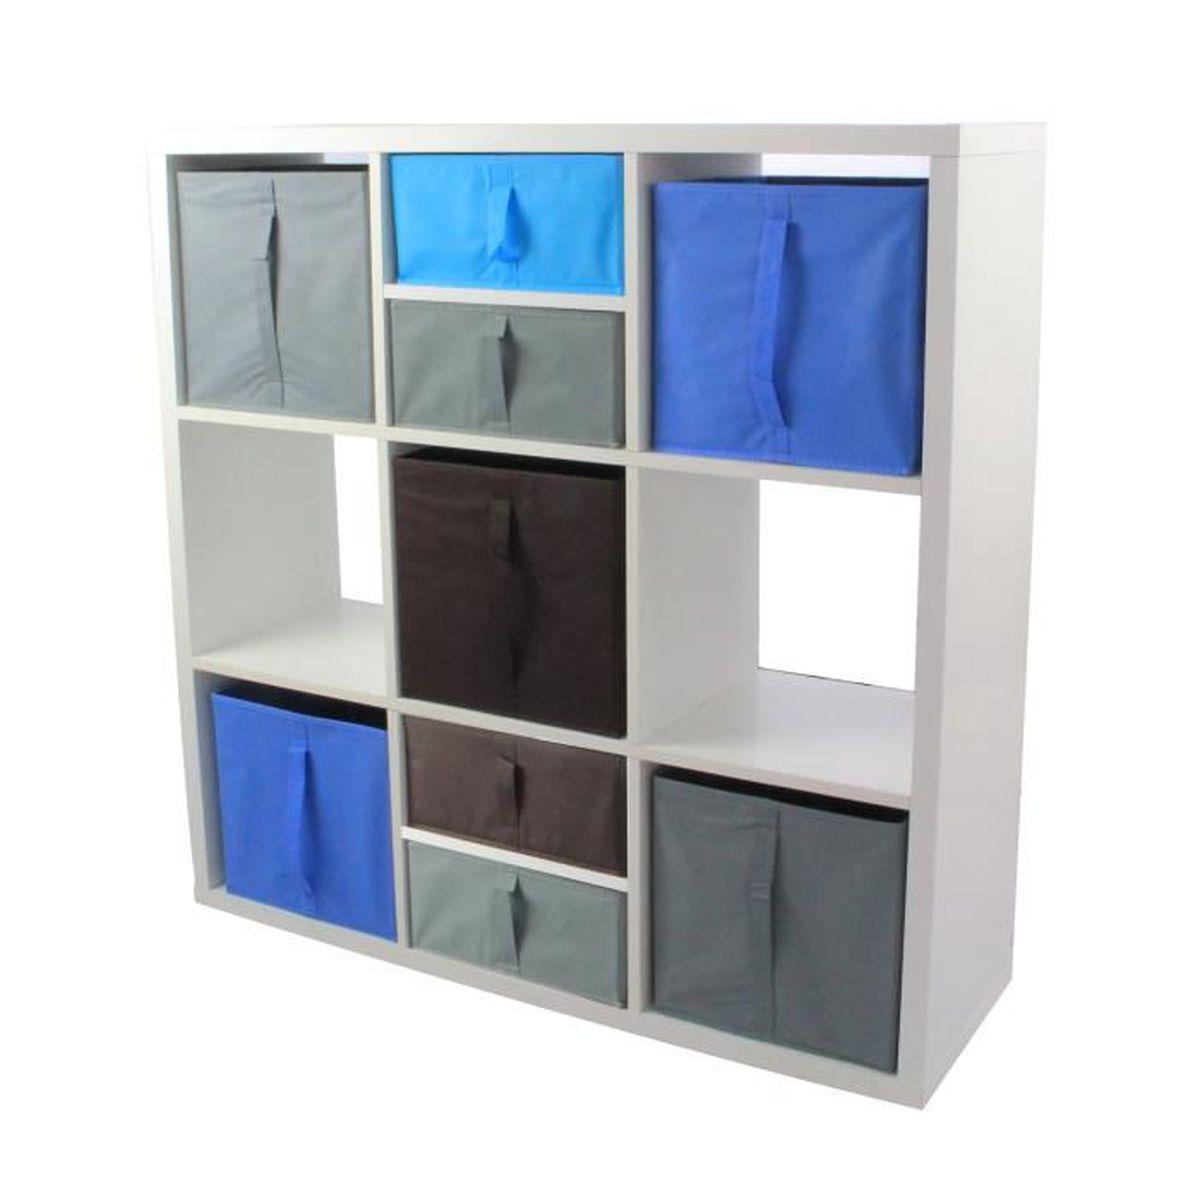 MEUBLE ÉTAGÈRE COMPO Meuble de Rangement 9 Cases + 5 Cubes + 4 De